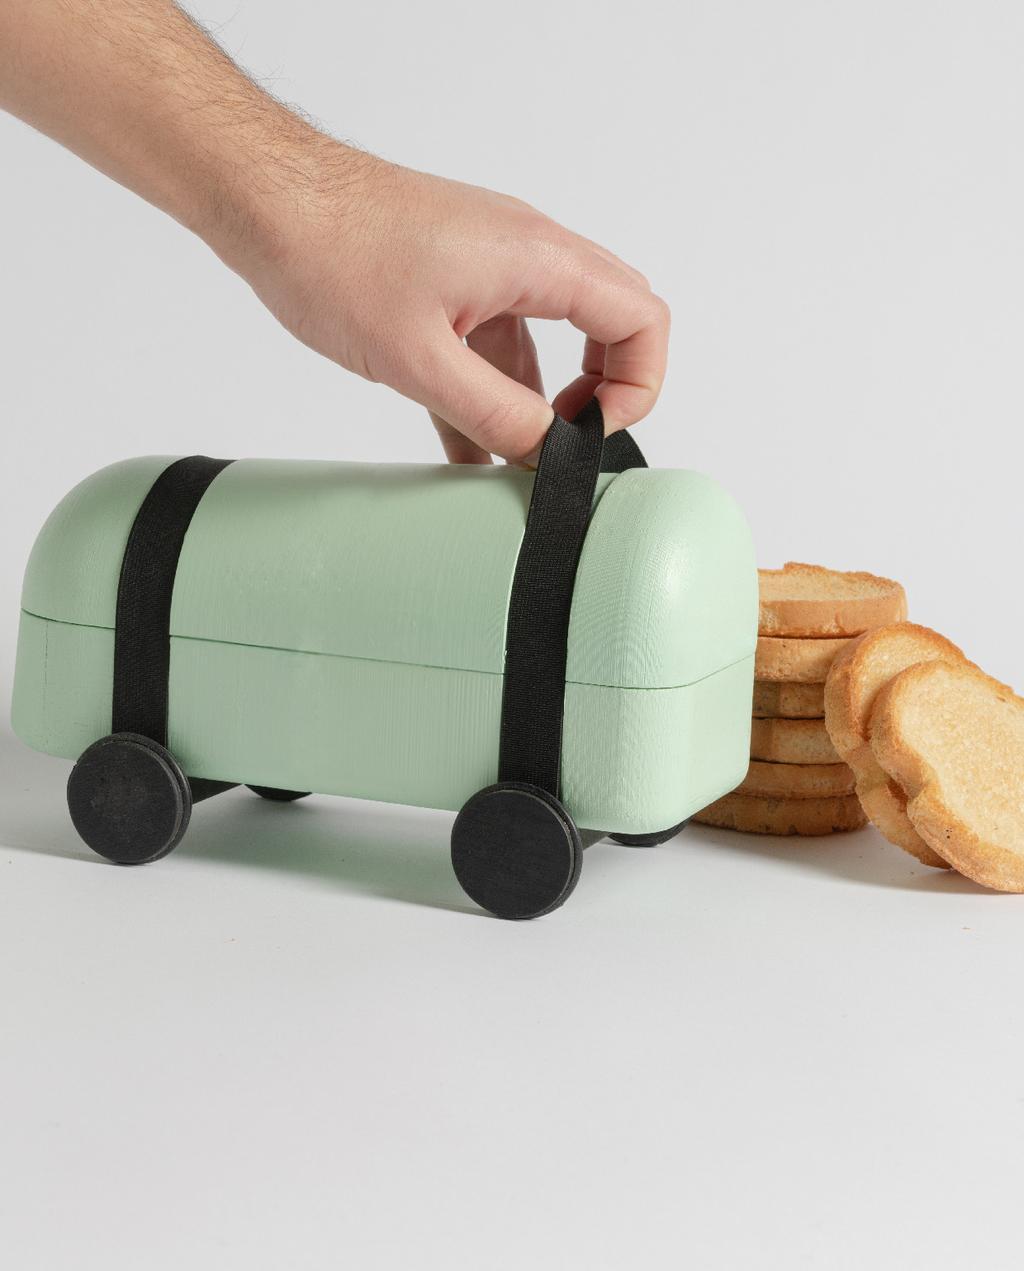 vtwonen blog studentdesign | design voor coronatijden groene broodtrommel op wielen